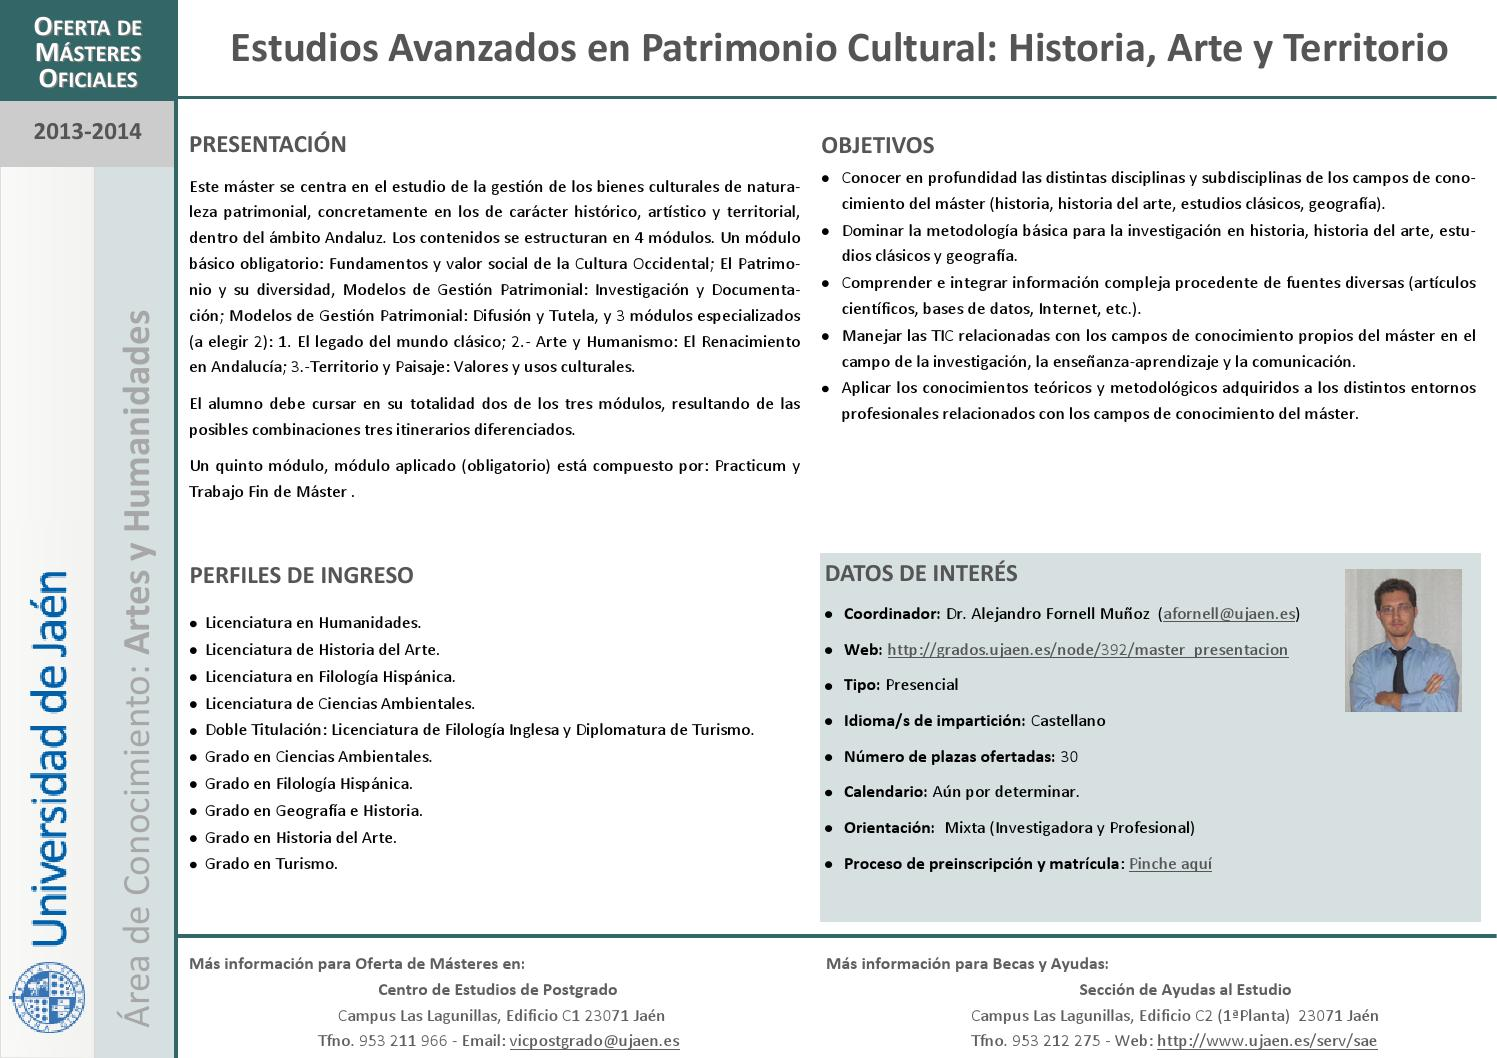 Calendario Ujaen.Revista Masteres Oficiales 2013 14 Universidad De Jaen By Cepuja